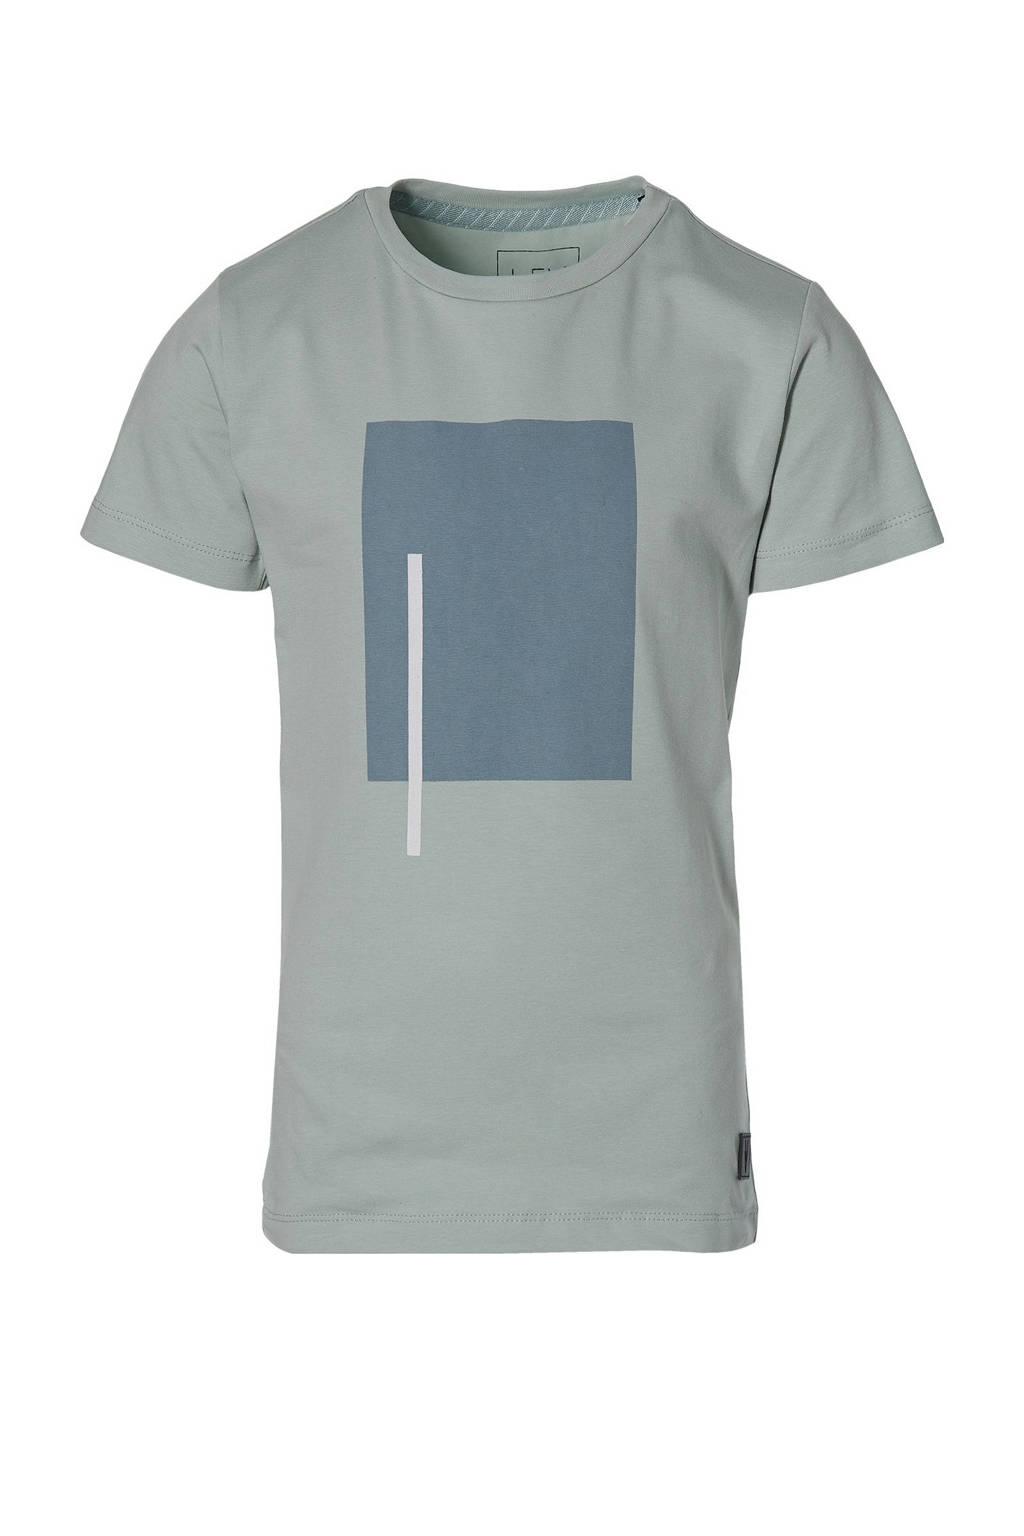 LEVV Boys T-shirt Math met printopdruk grijsblauw, Grijsblauw